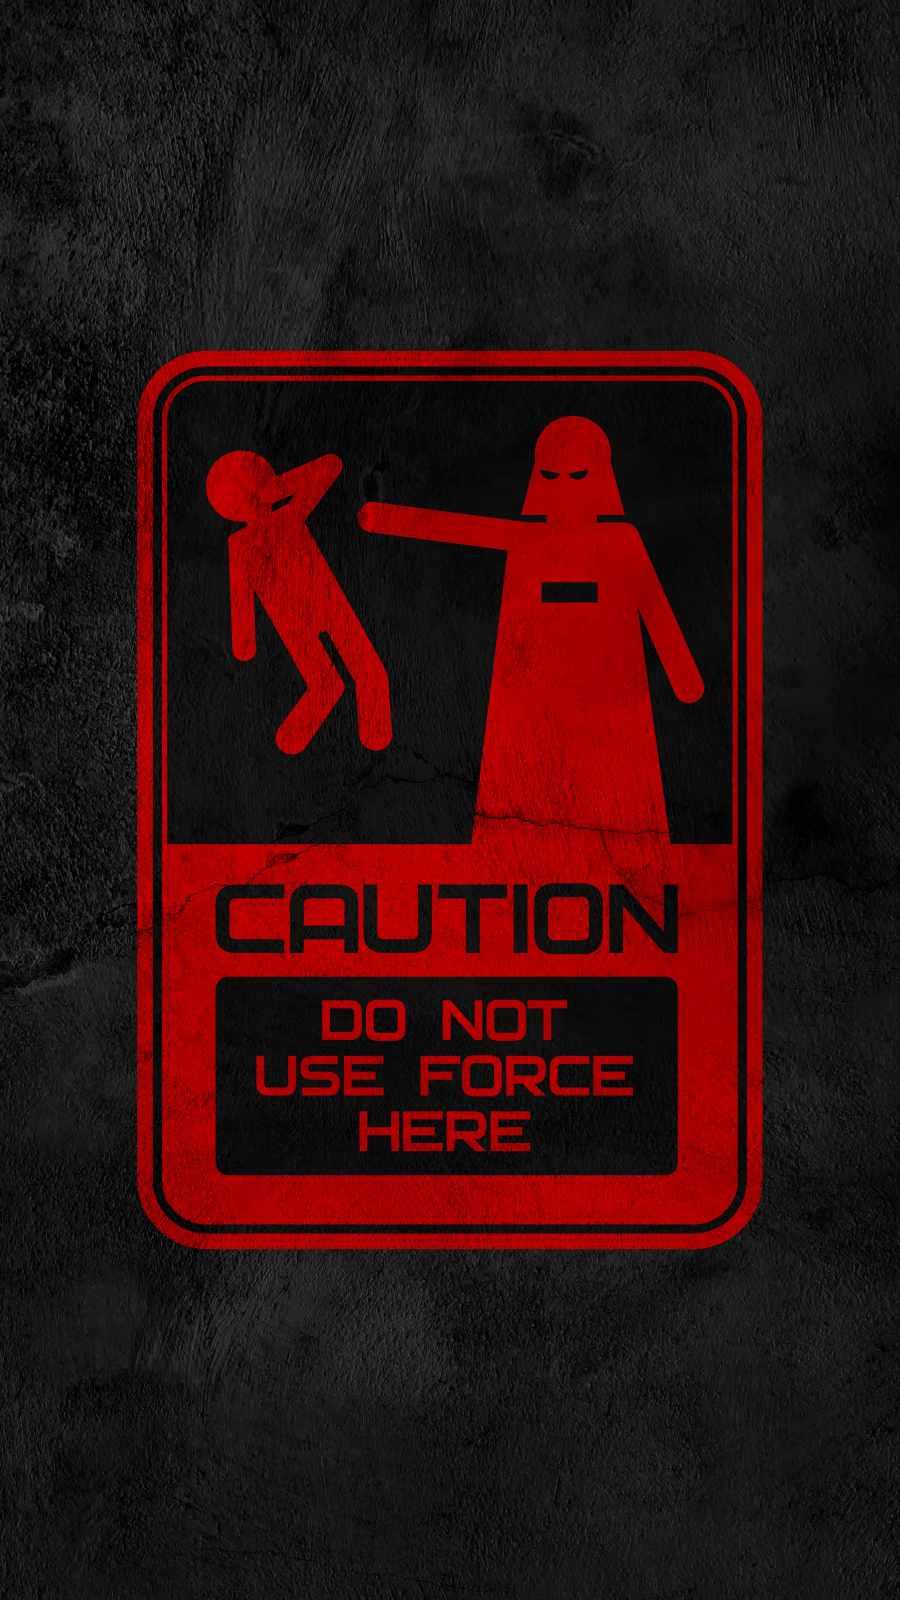 Star Wars Caution